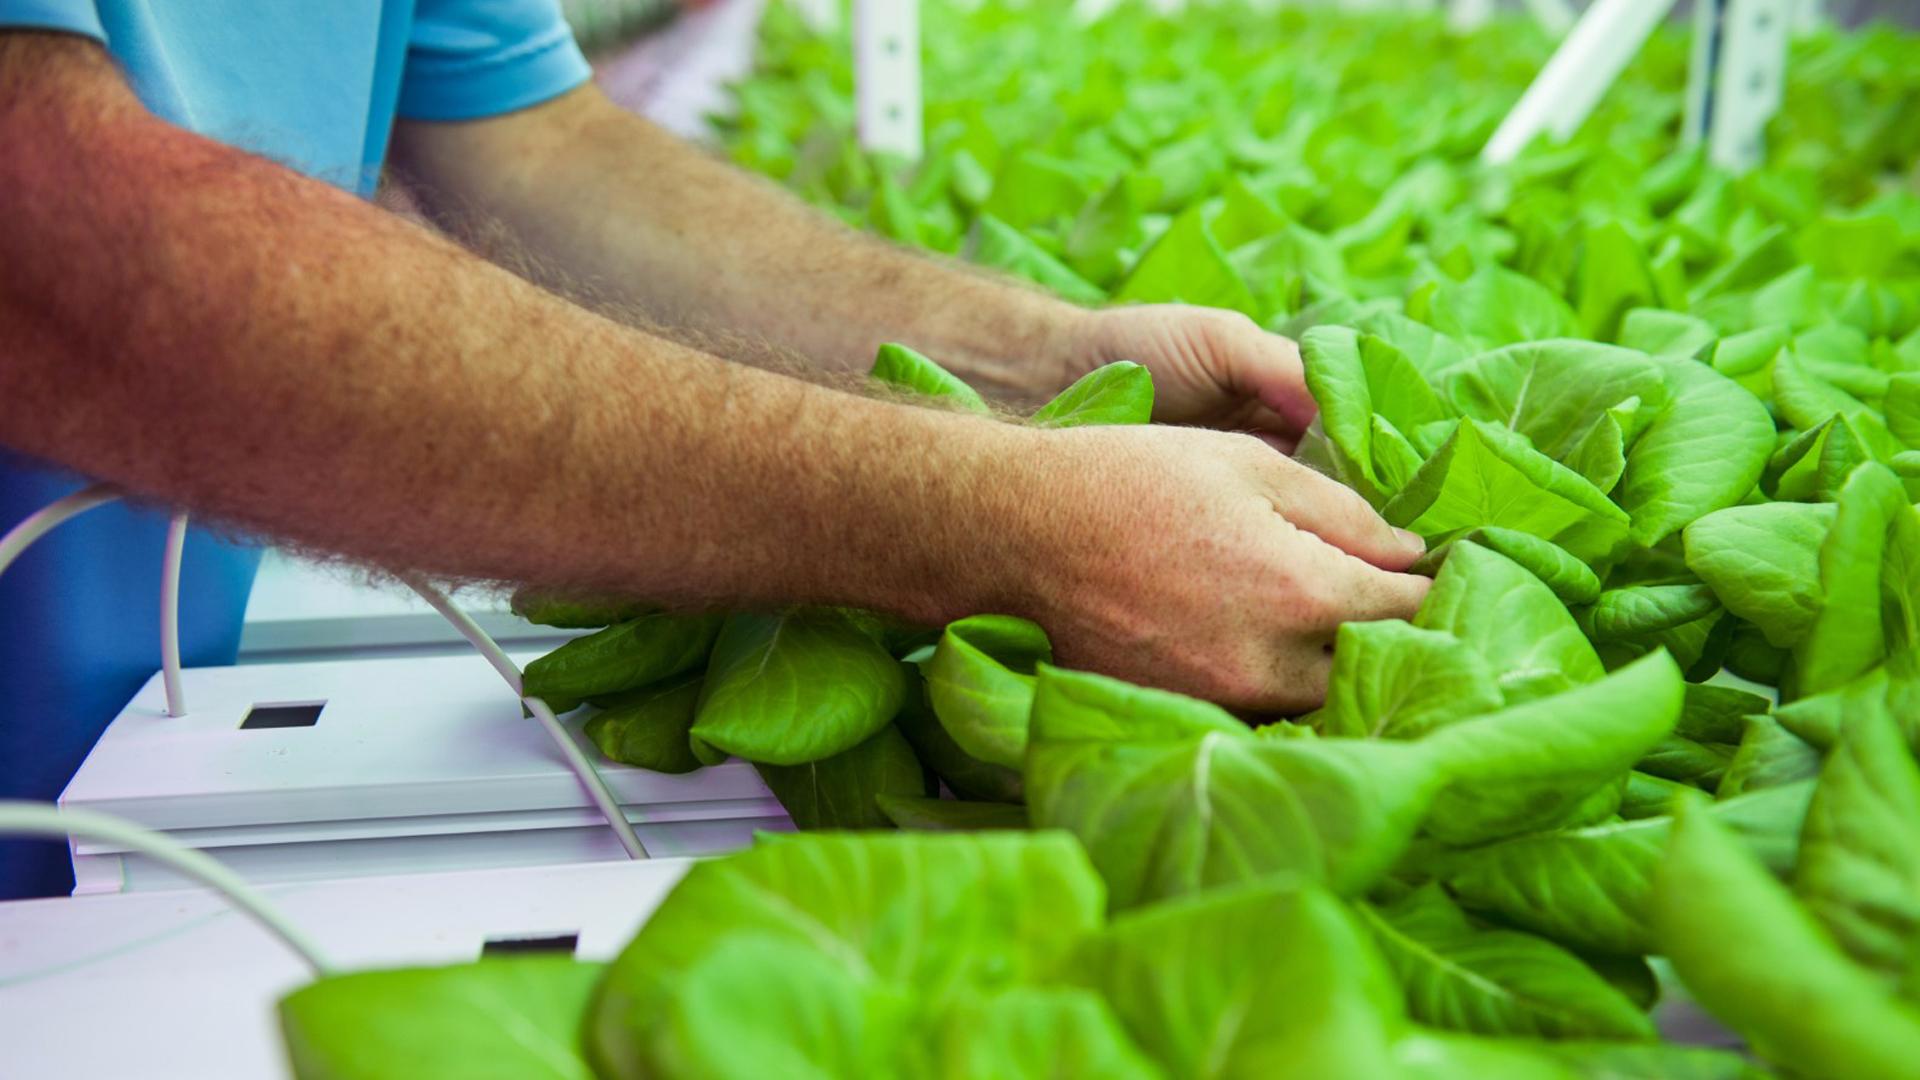 Se estima que para el año 2050 será necesario producir un 70% más de alimentos para 3000 millones de personas adicionales